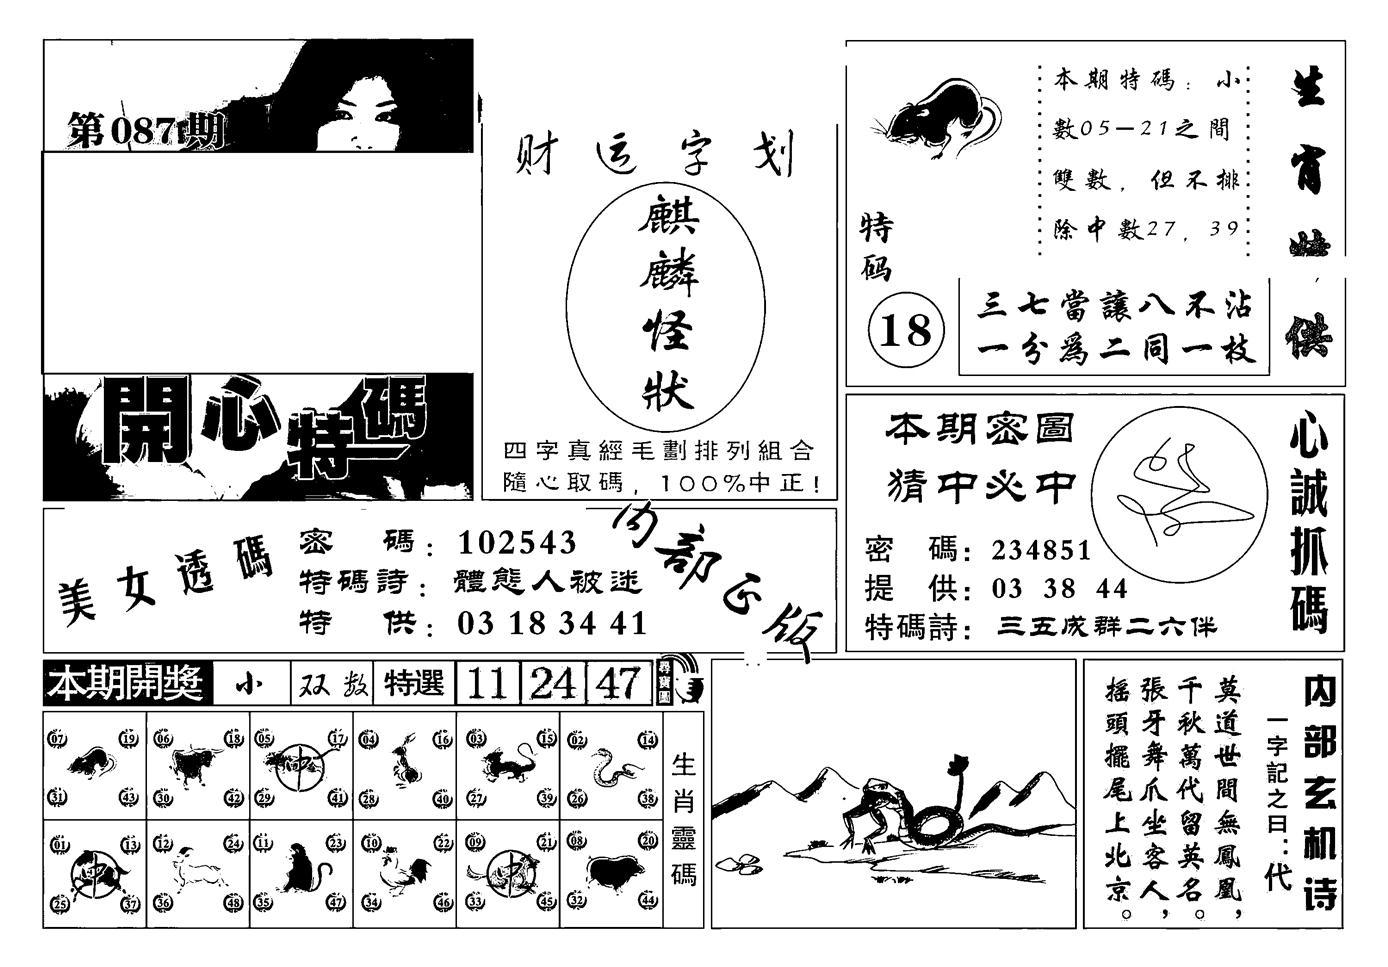 087期白姐猛料(黑白)